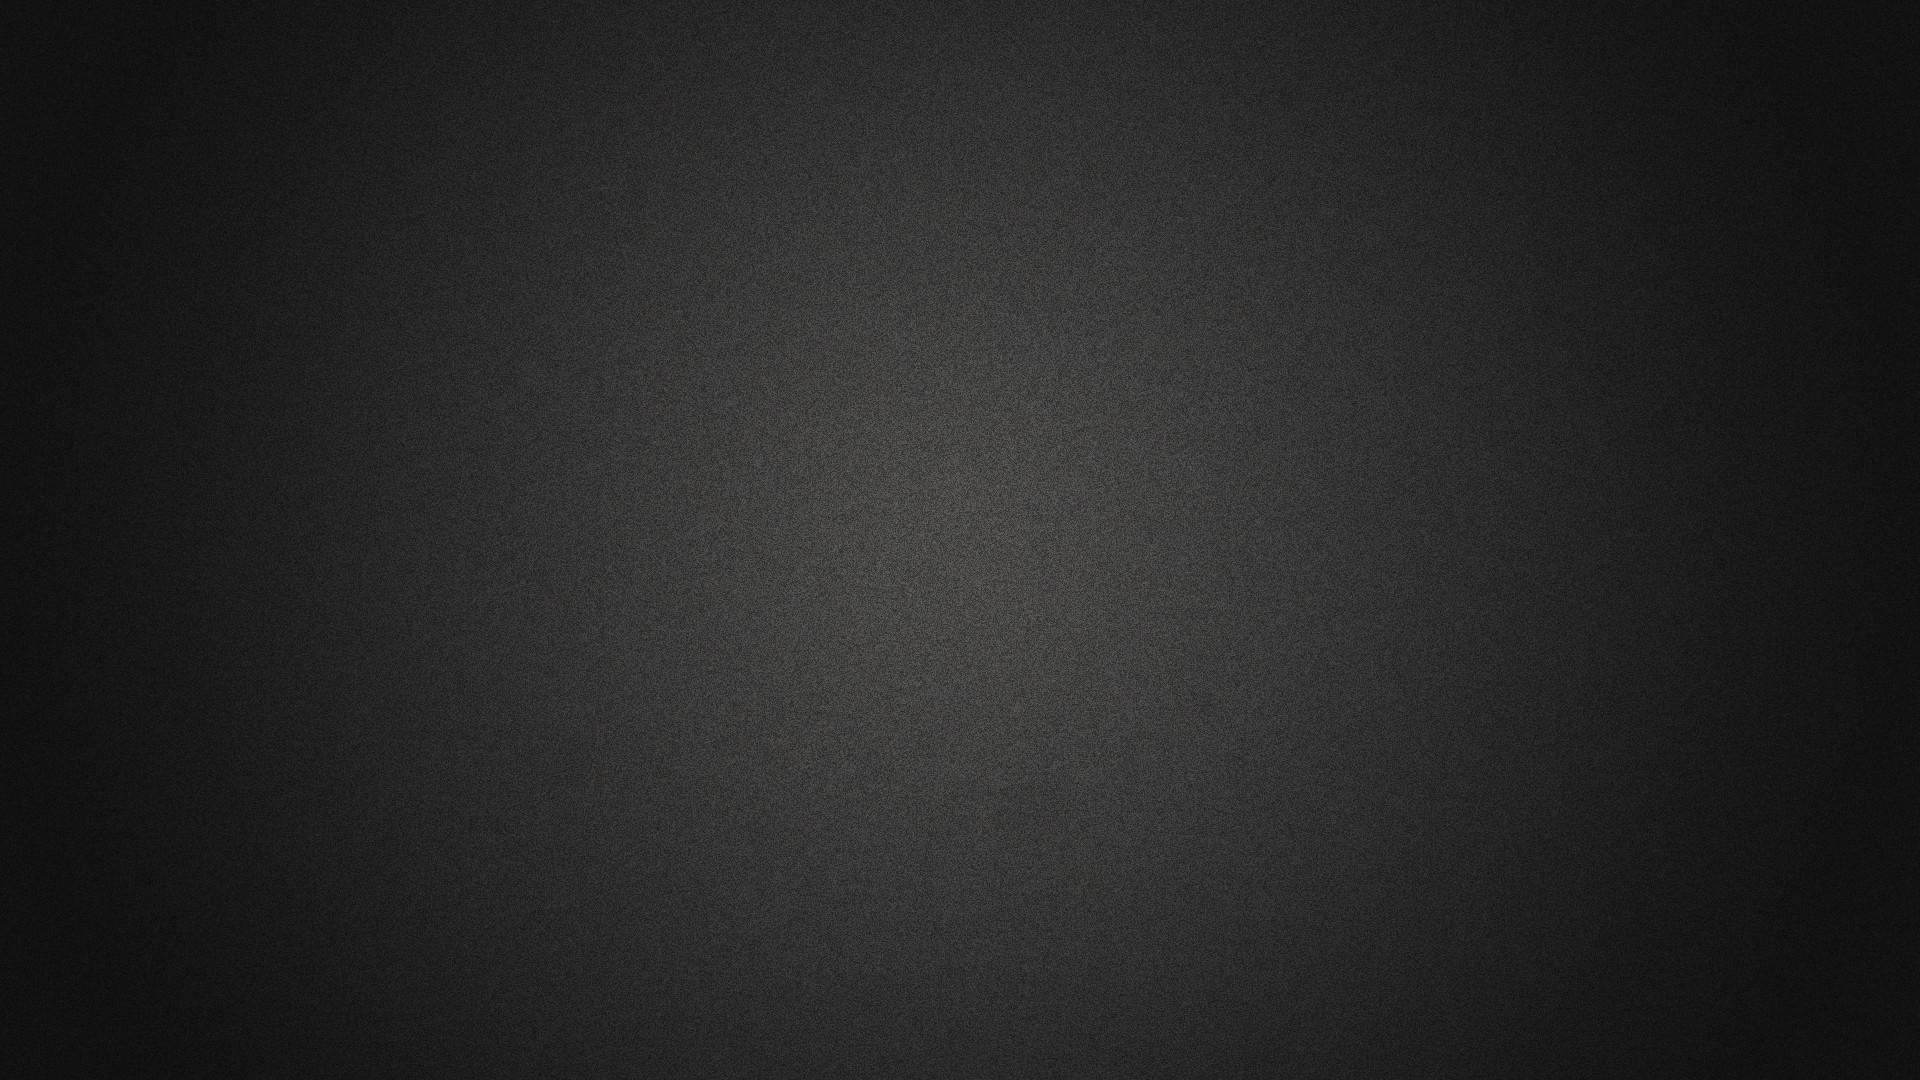 1920x1080 matte black wallpaper 29553